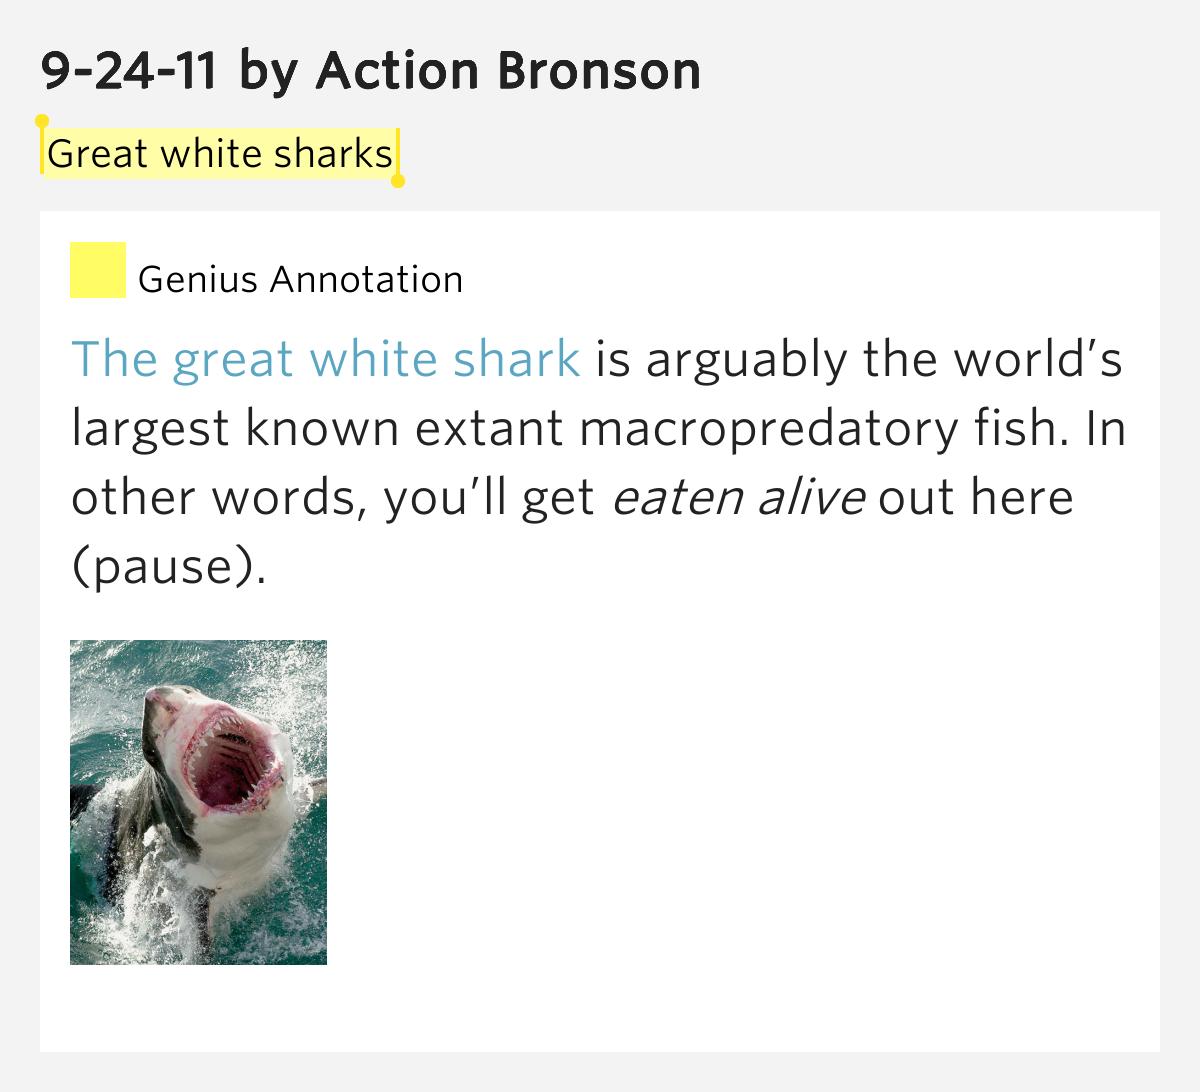 ACTION BRONSON - 9-24-11 LYRICS - SONGLYRICS.com